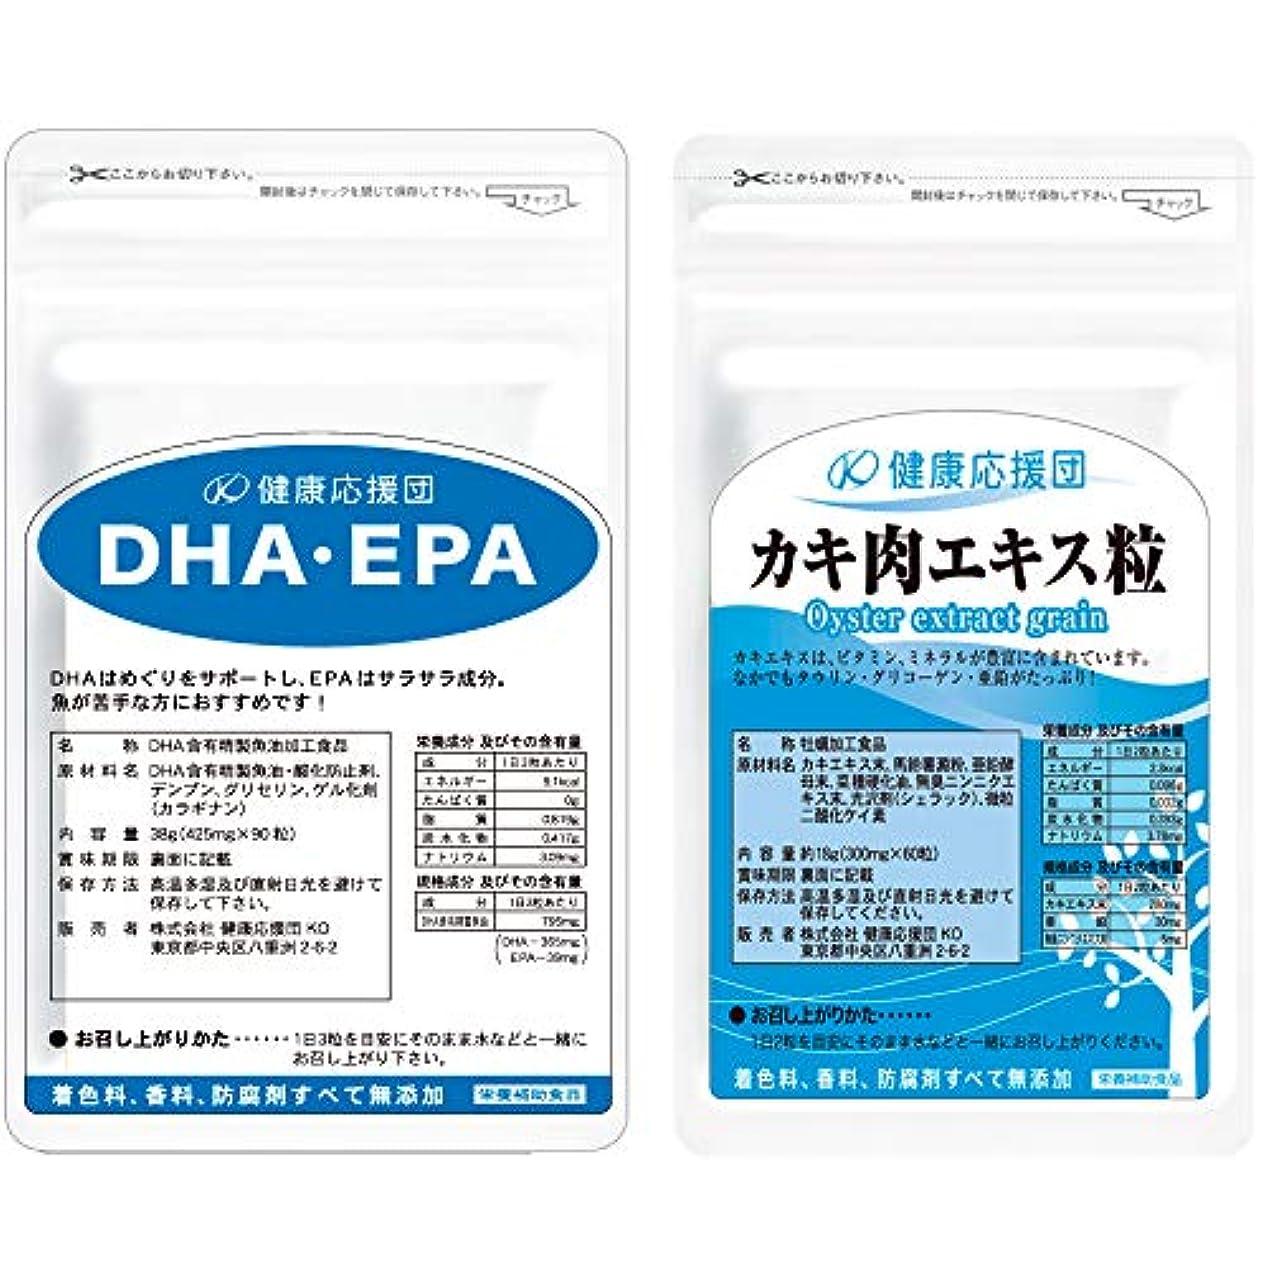 シットコムクロストランペット【DHA?EPA】&【濃縮牡蠣エキス粒】 肝臓の応援セット!肝臓の数値が高めの方にお勧め!